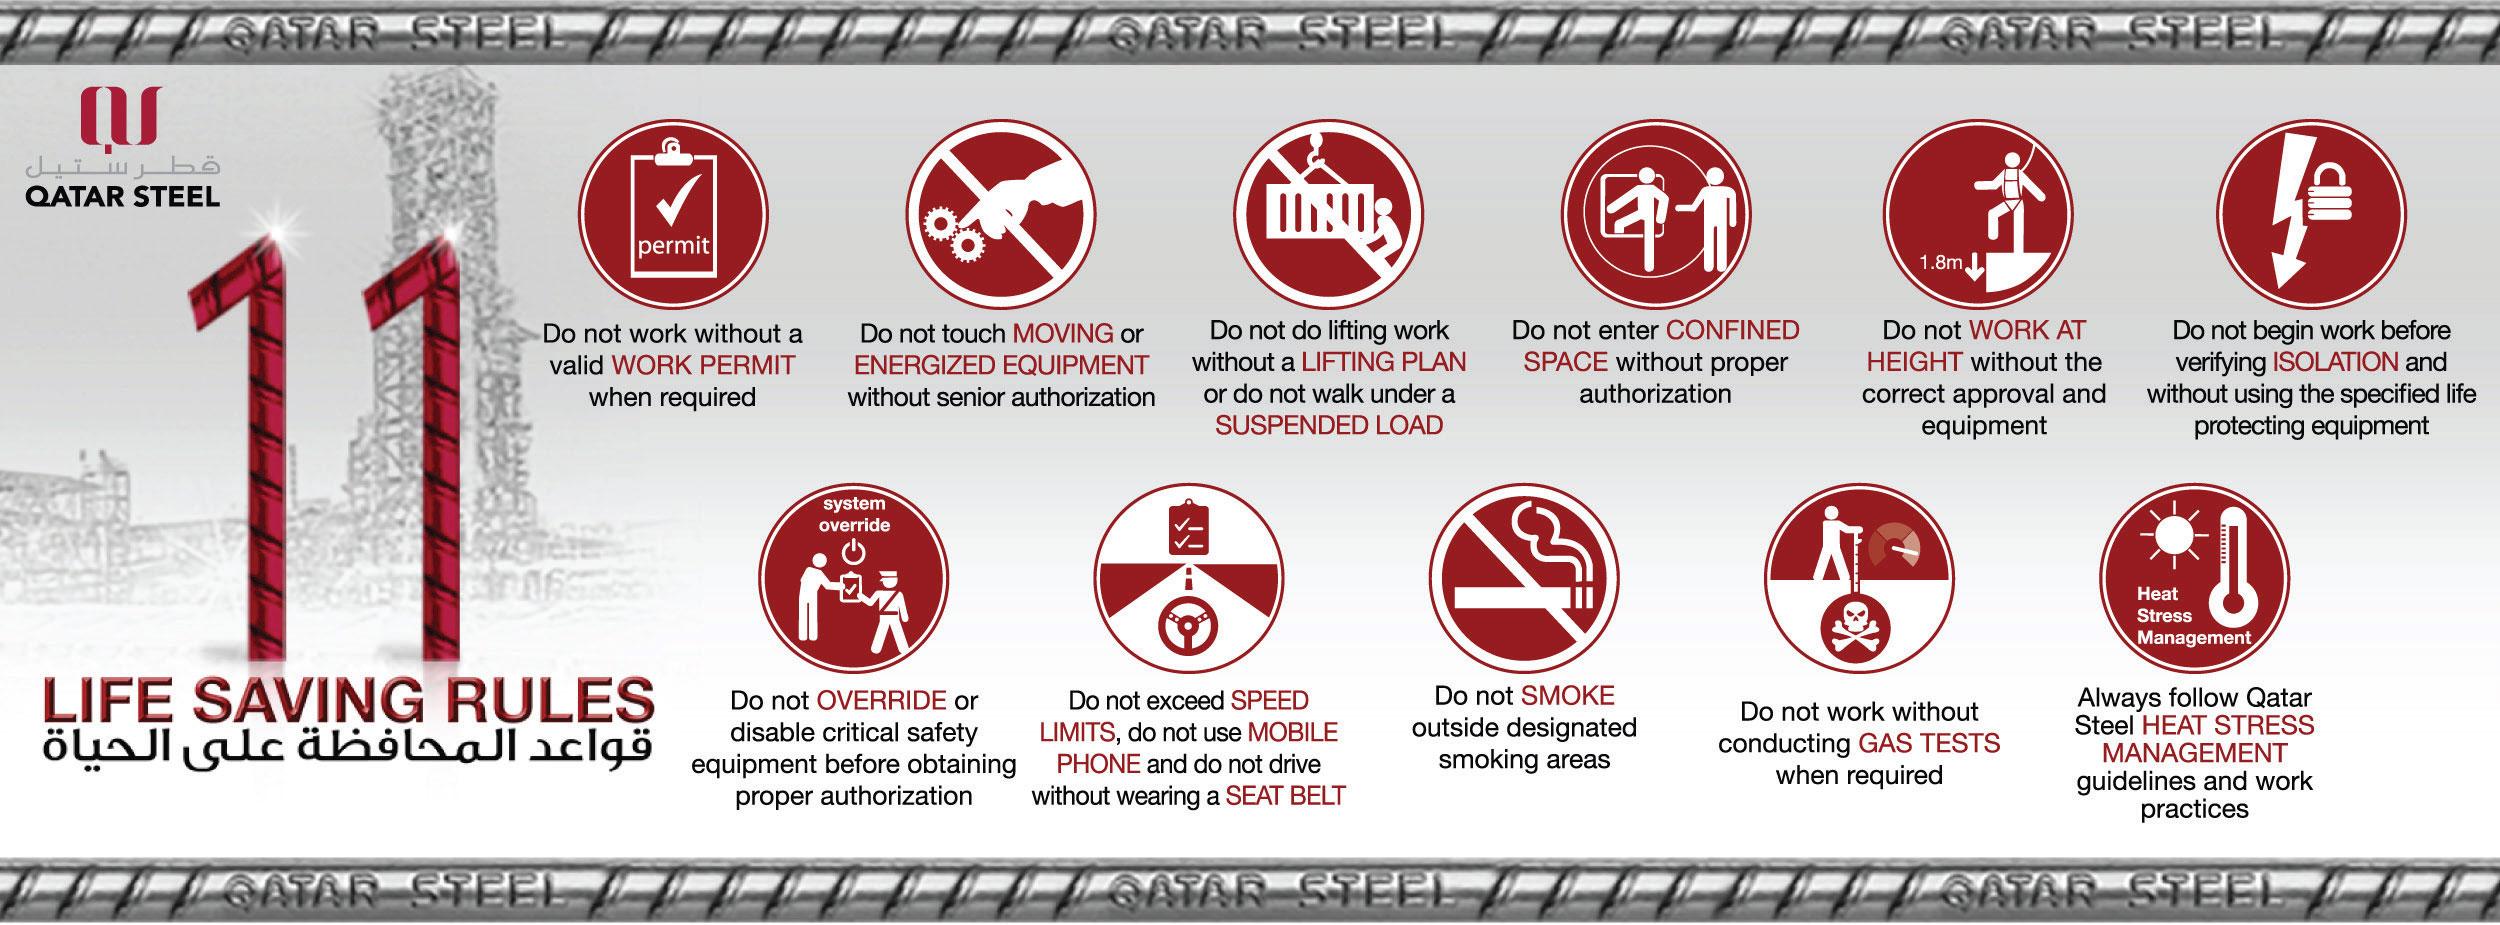 Safety Training and Emergency Response Preparedness